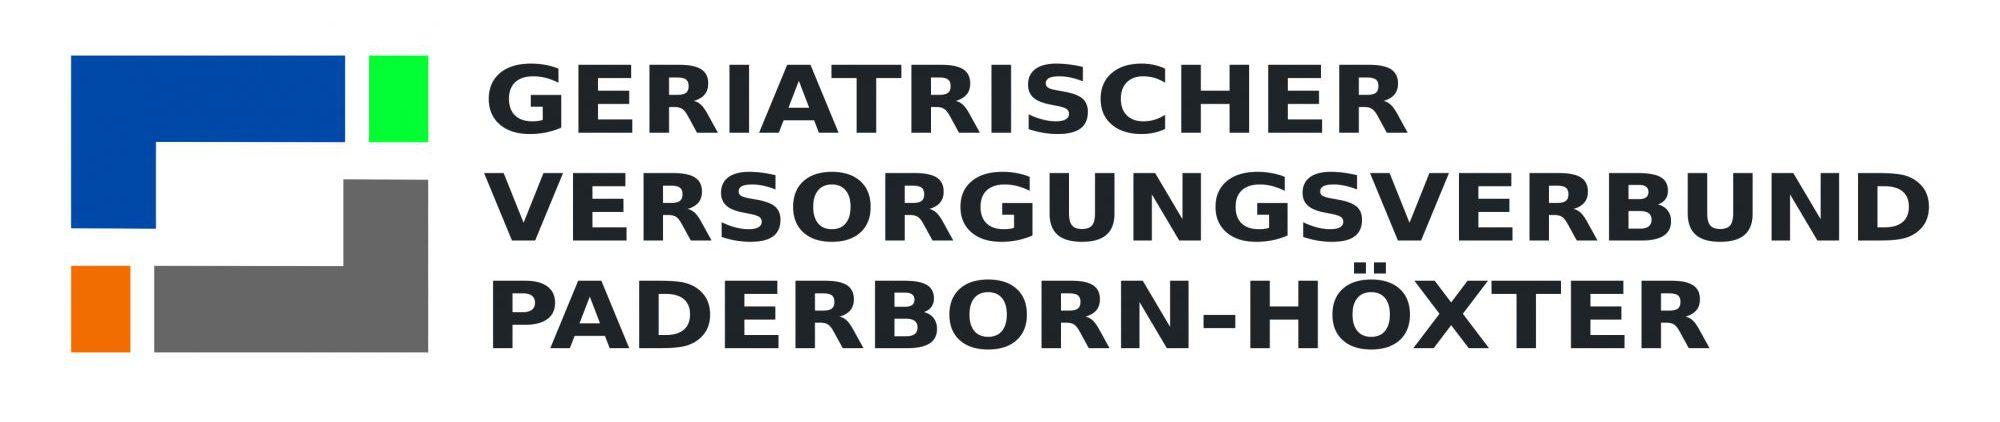 Geriatrischer Versorgungsverbund Paderborn-Höxter